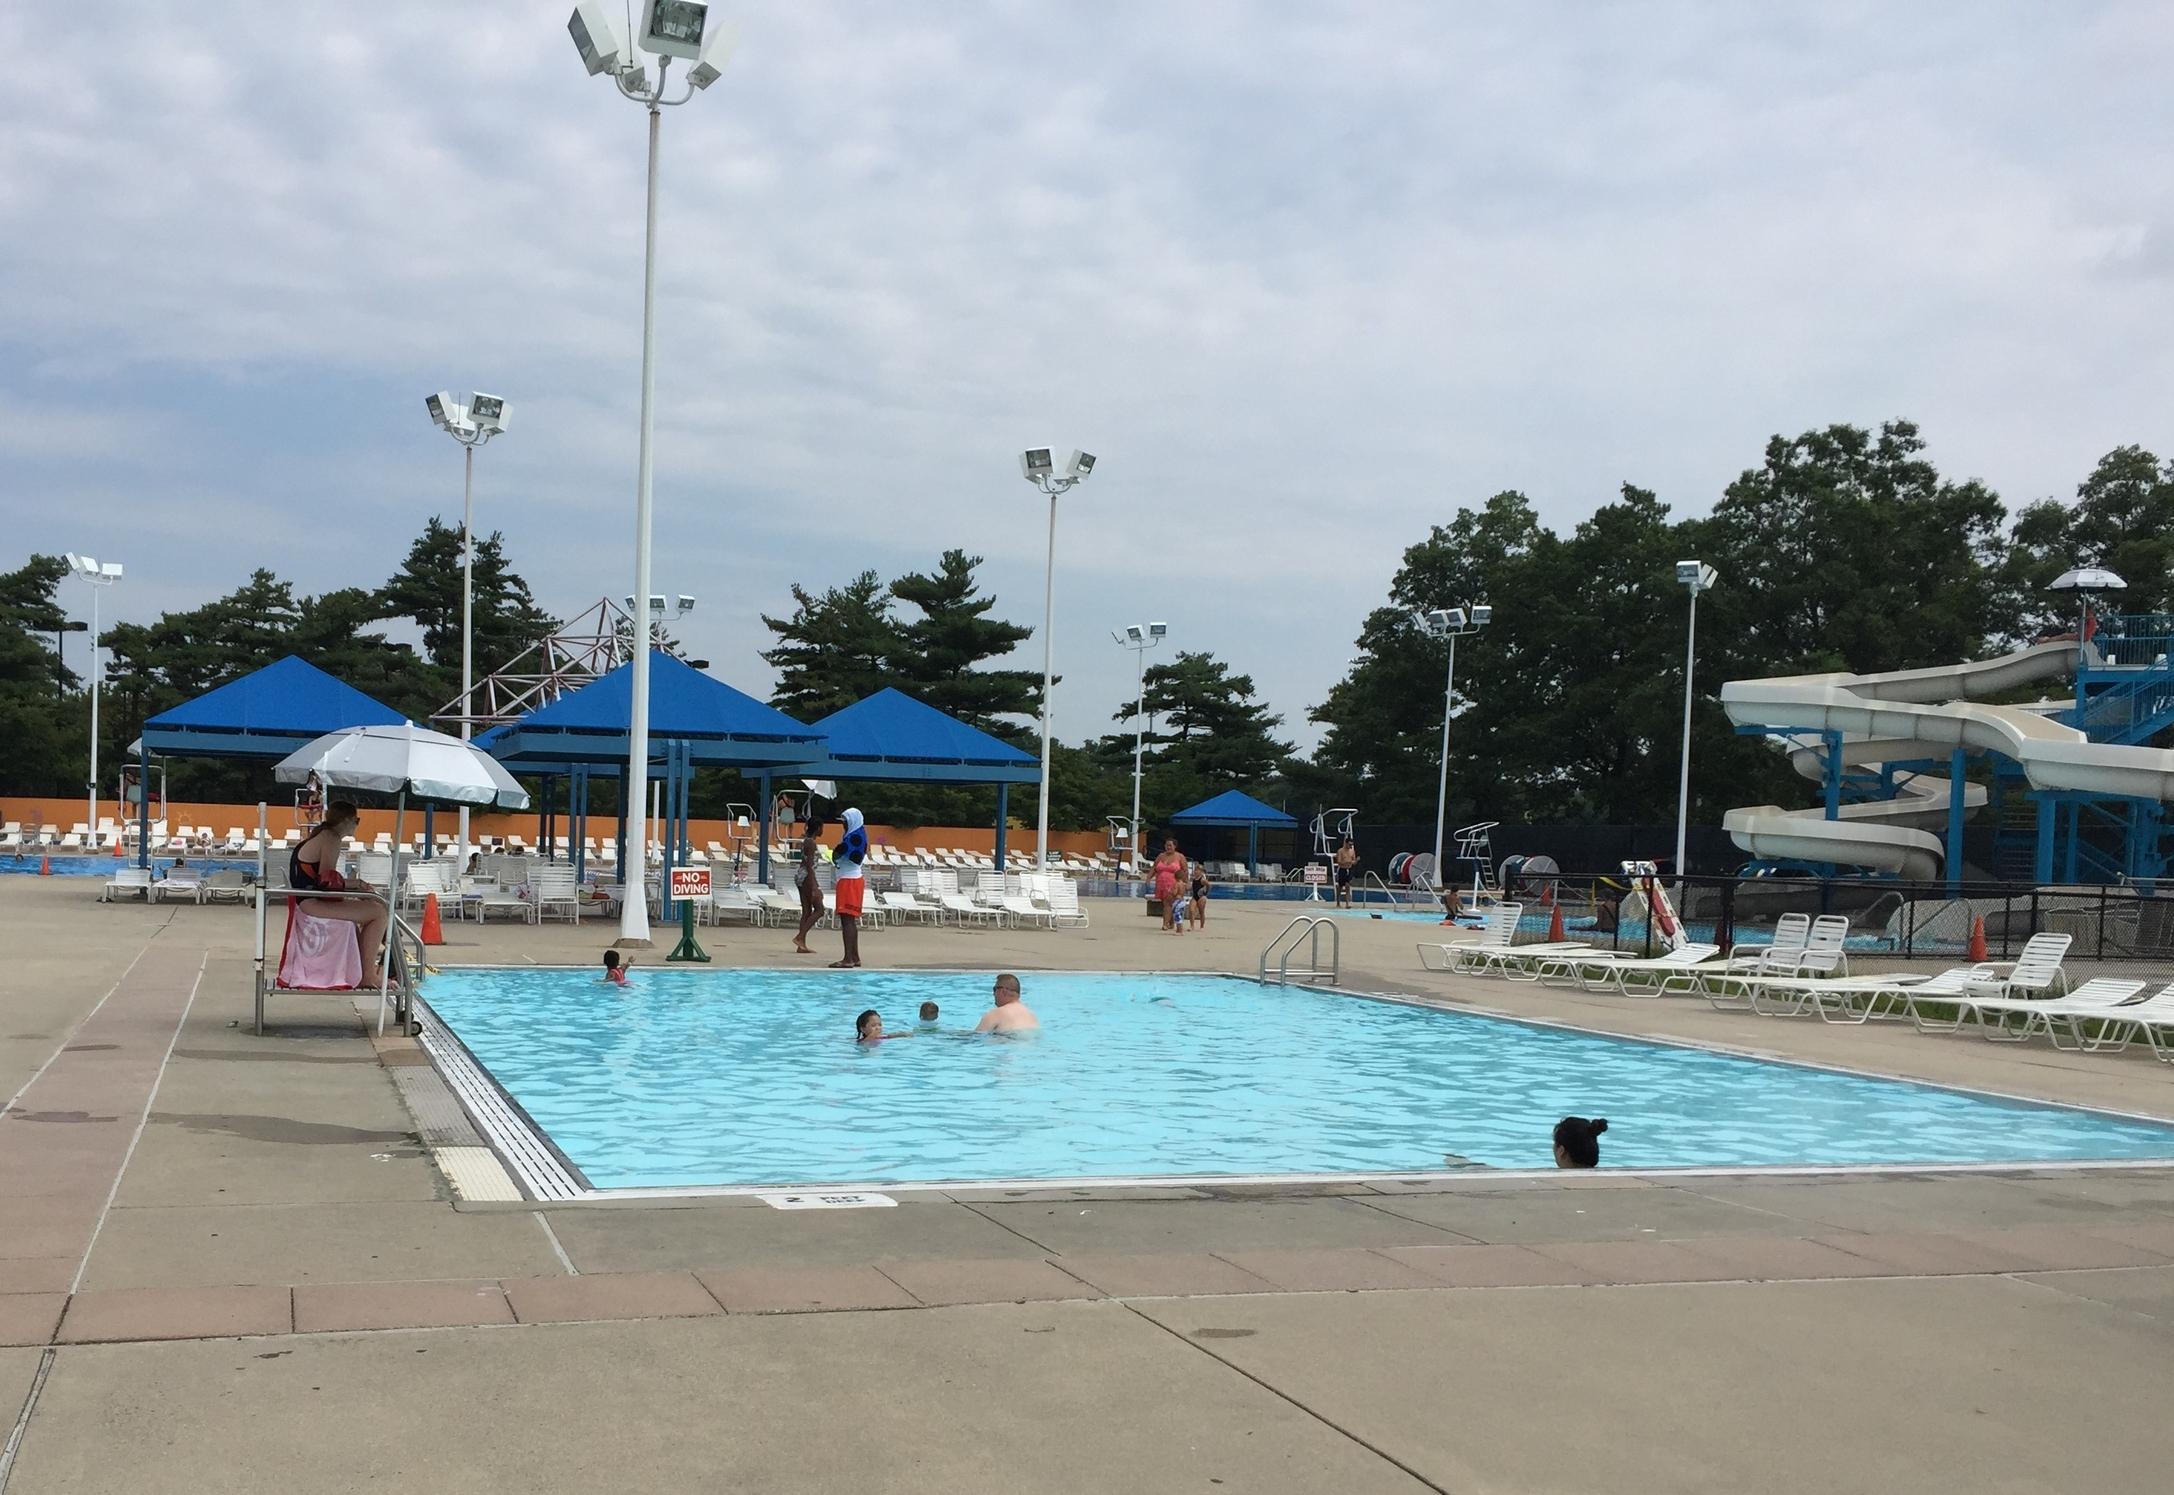 Cantiague Park Pool